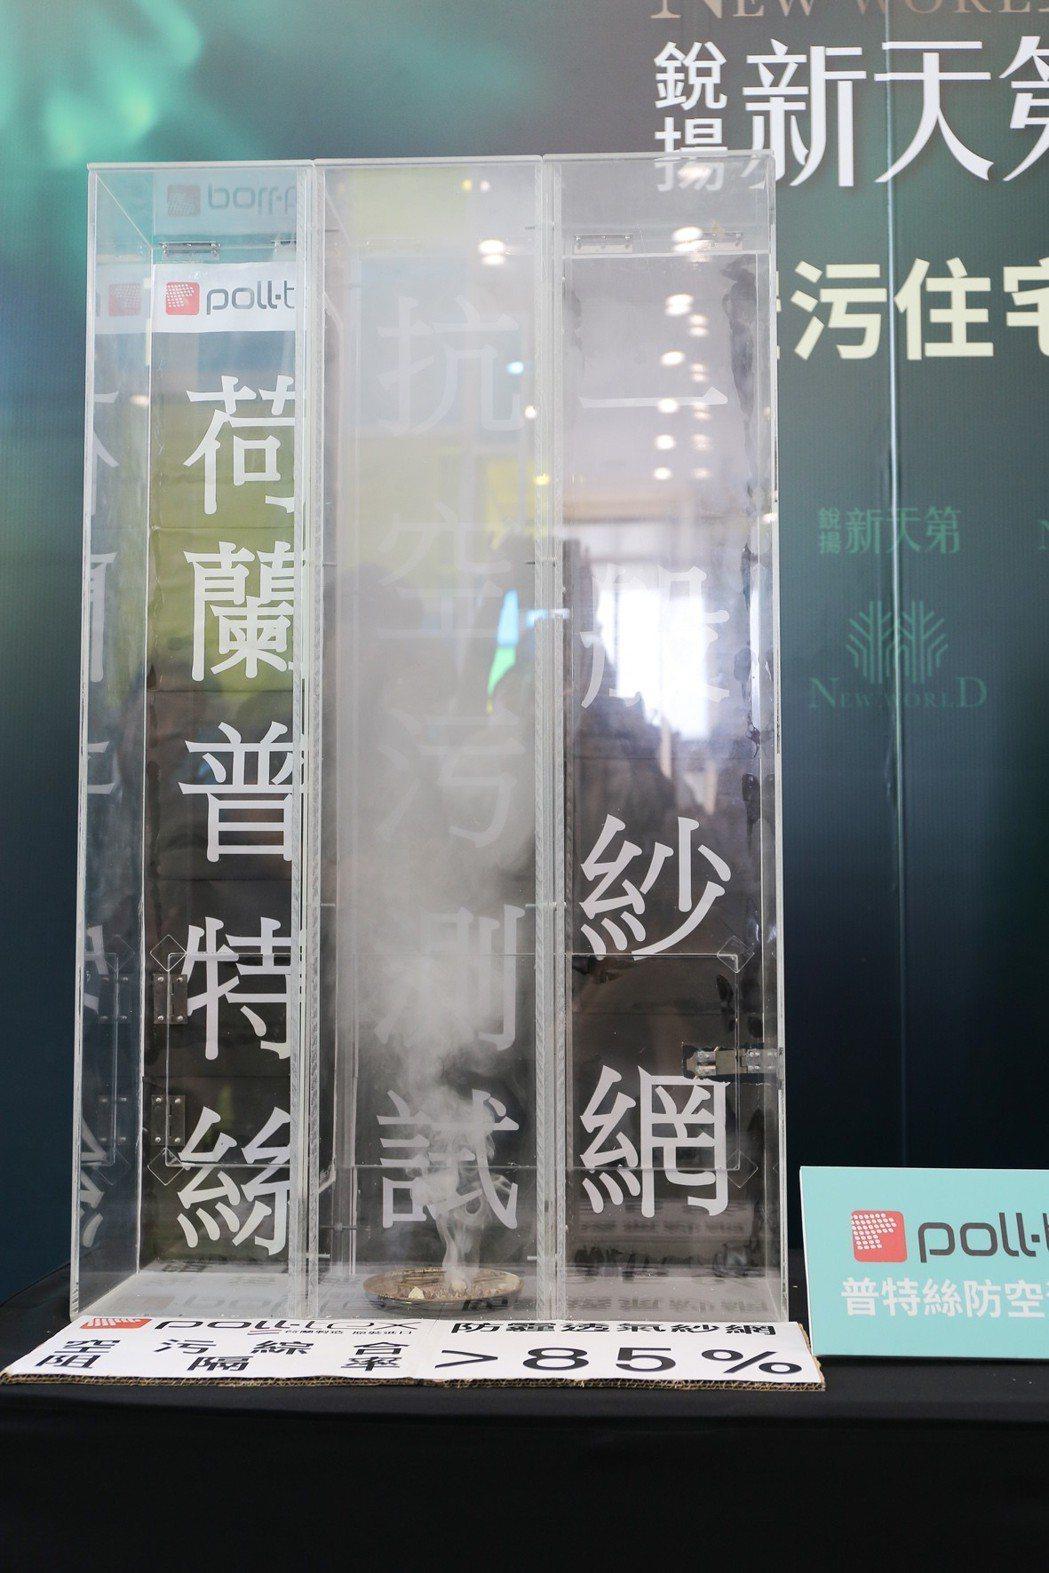 業者實際操作抗PM2.5防霾紗窗對濃煙的阻隔力,明顯優於一般紗窗。 攝影/張世雅